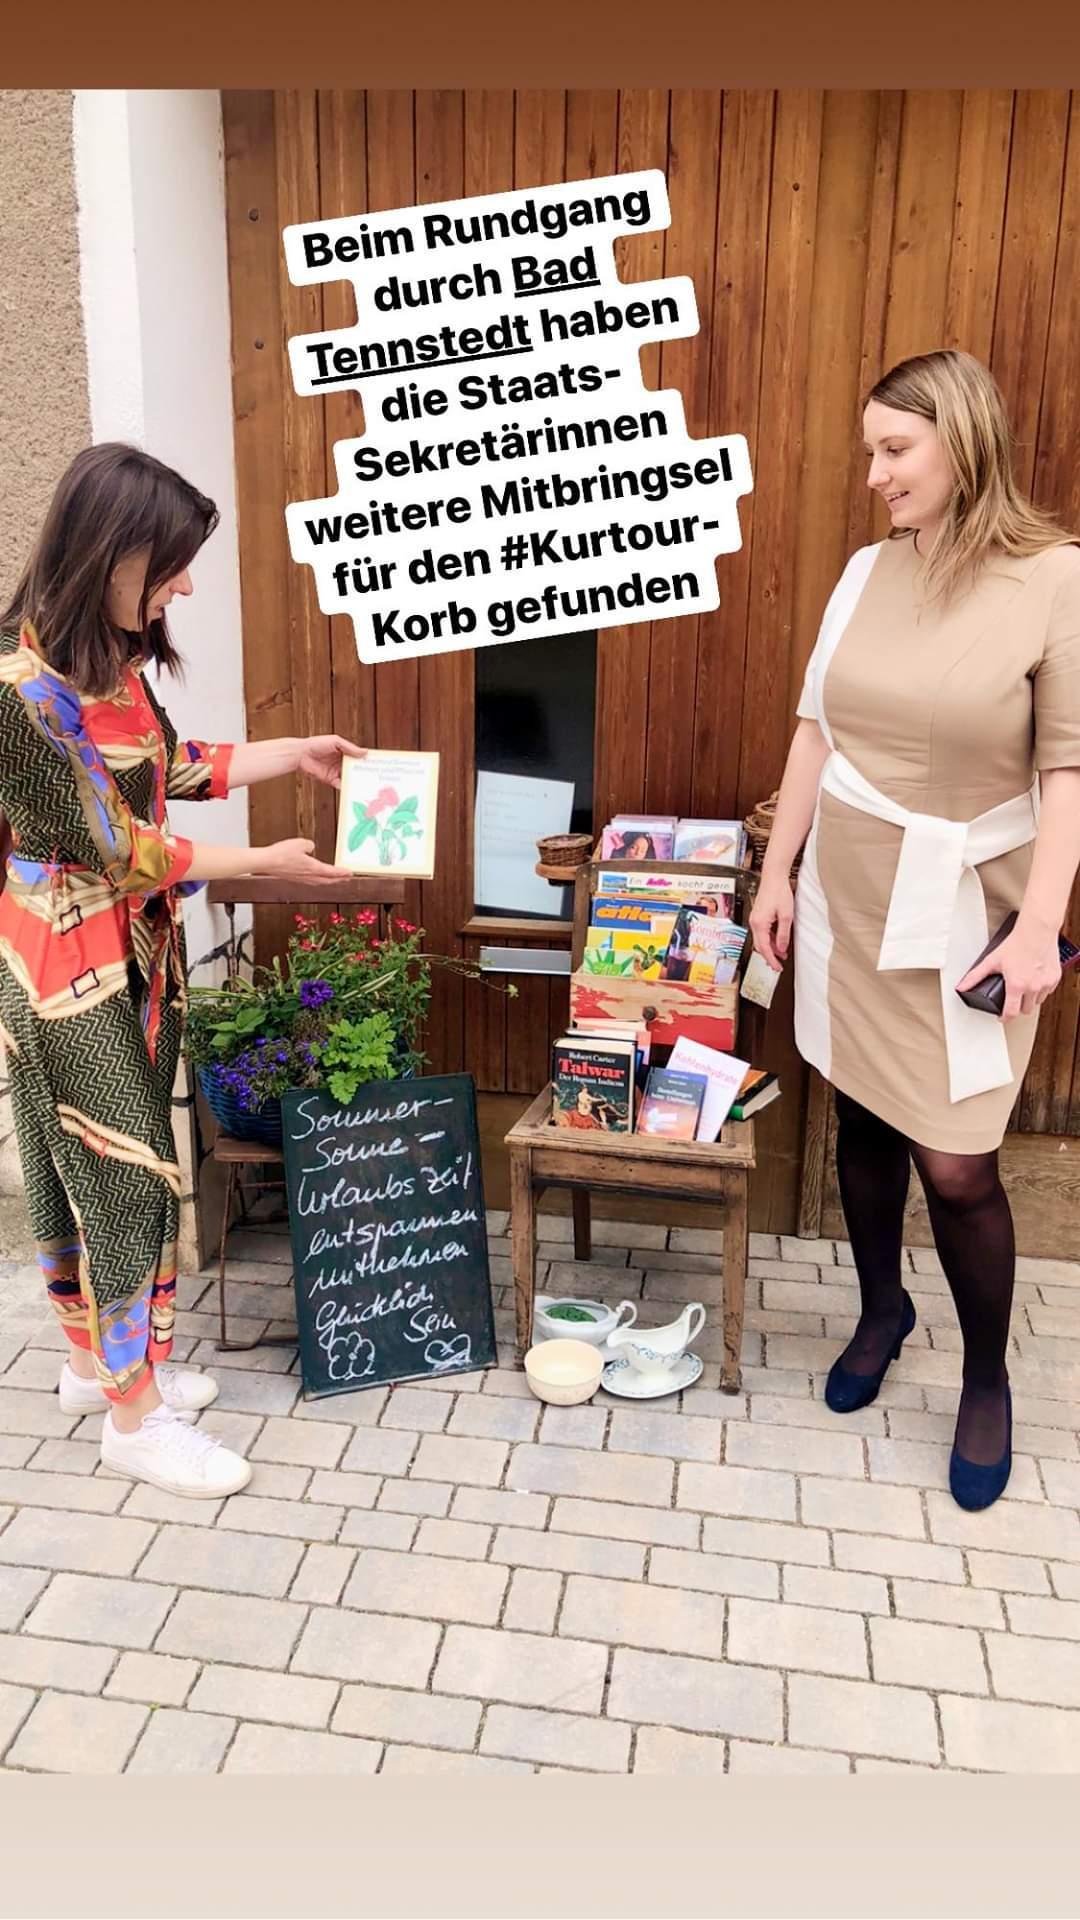 Kurtour durch Bad Tennstedt